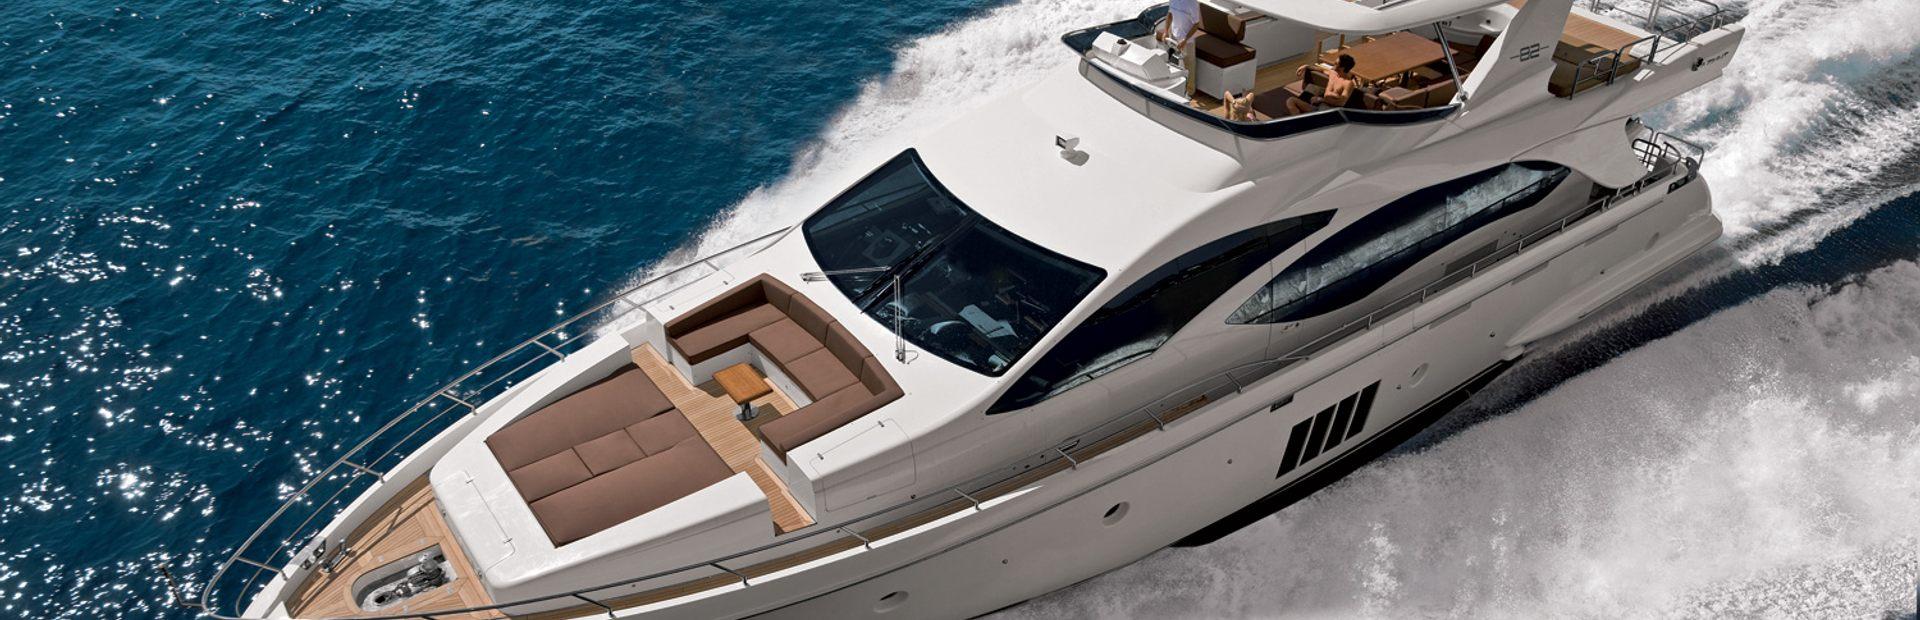 Azimut 82 Yacht Charter